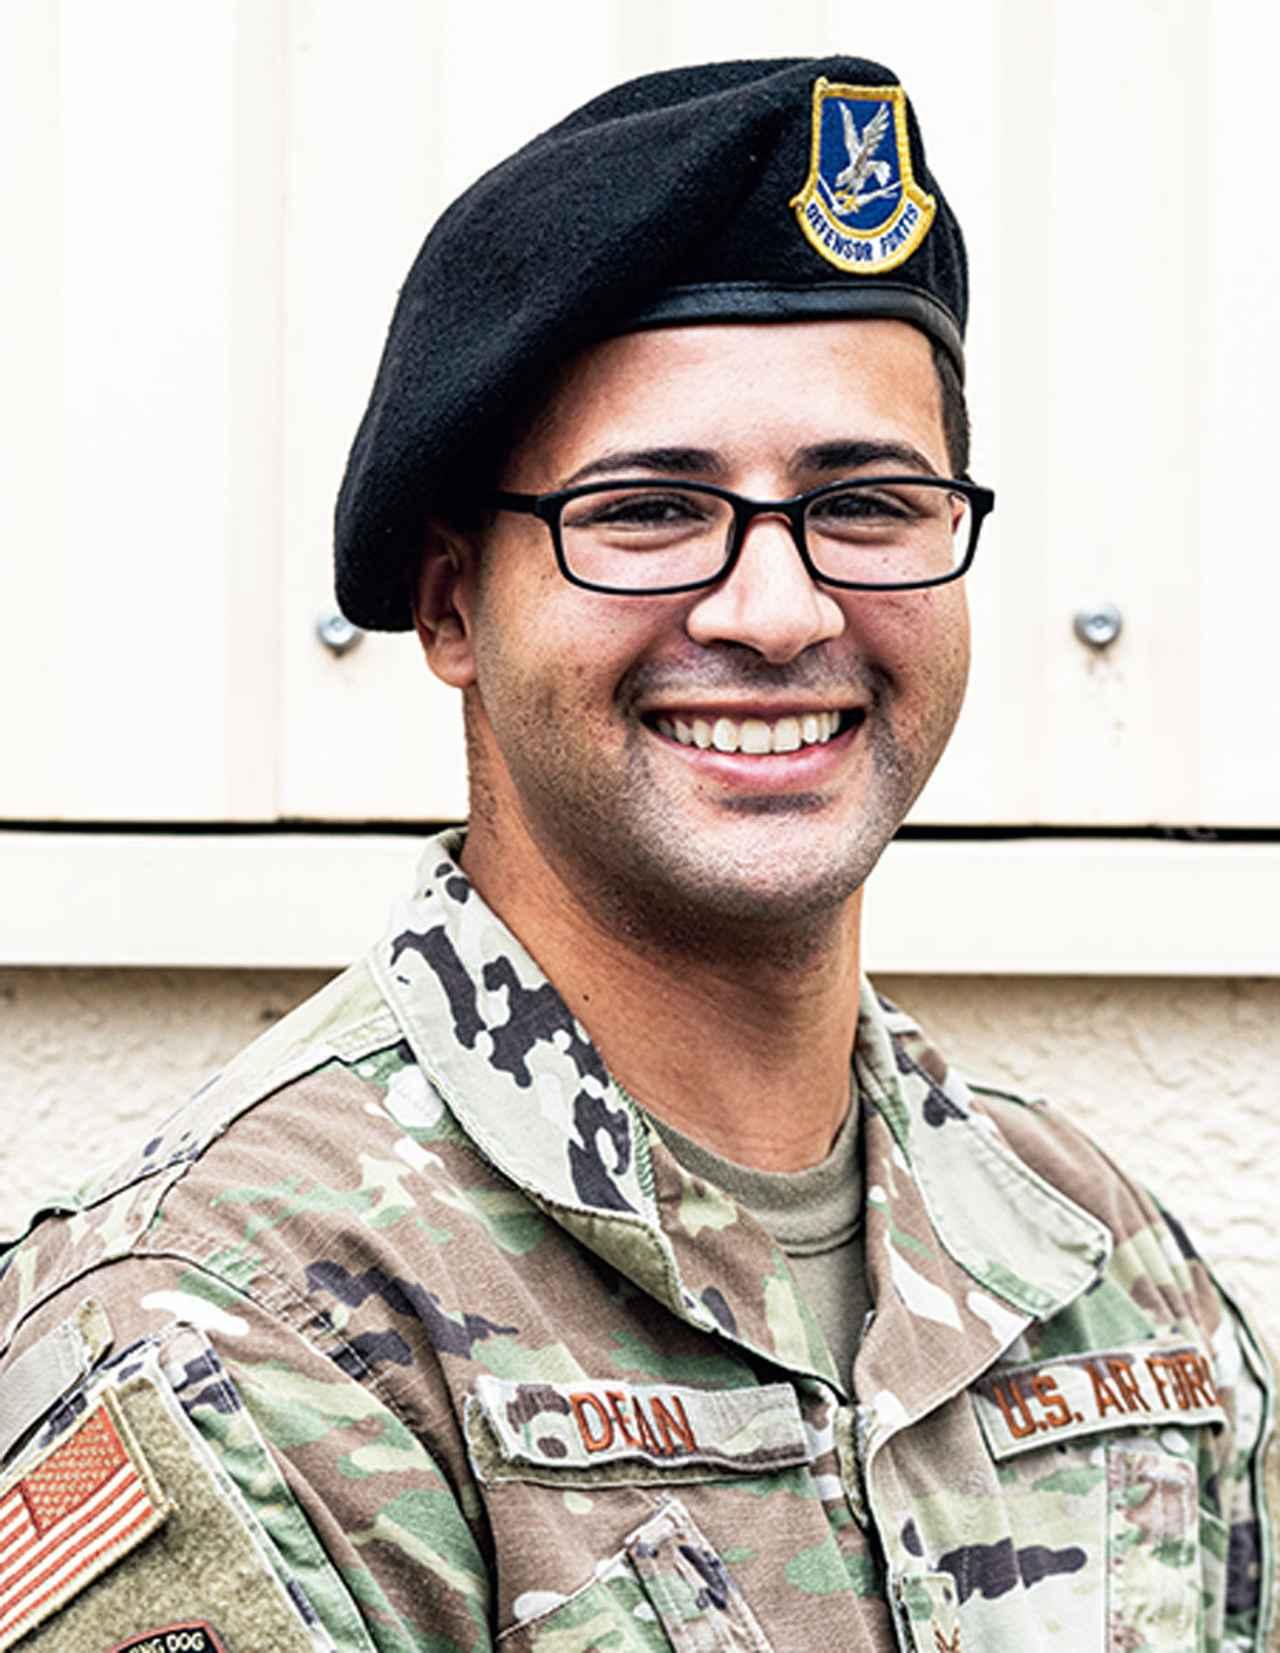 画像: 「自衛隊との共同訓練は楽しく、いつも新たな発見があります」と話す、トレーナーのアレクザンダー・ディーン軍曹